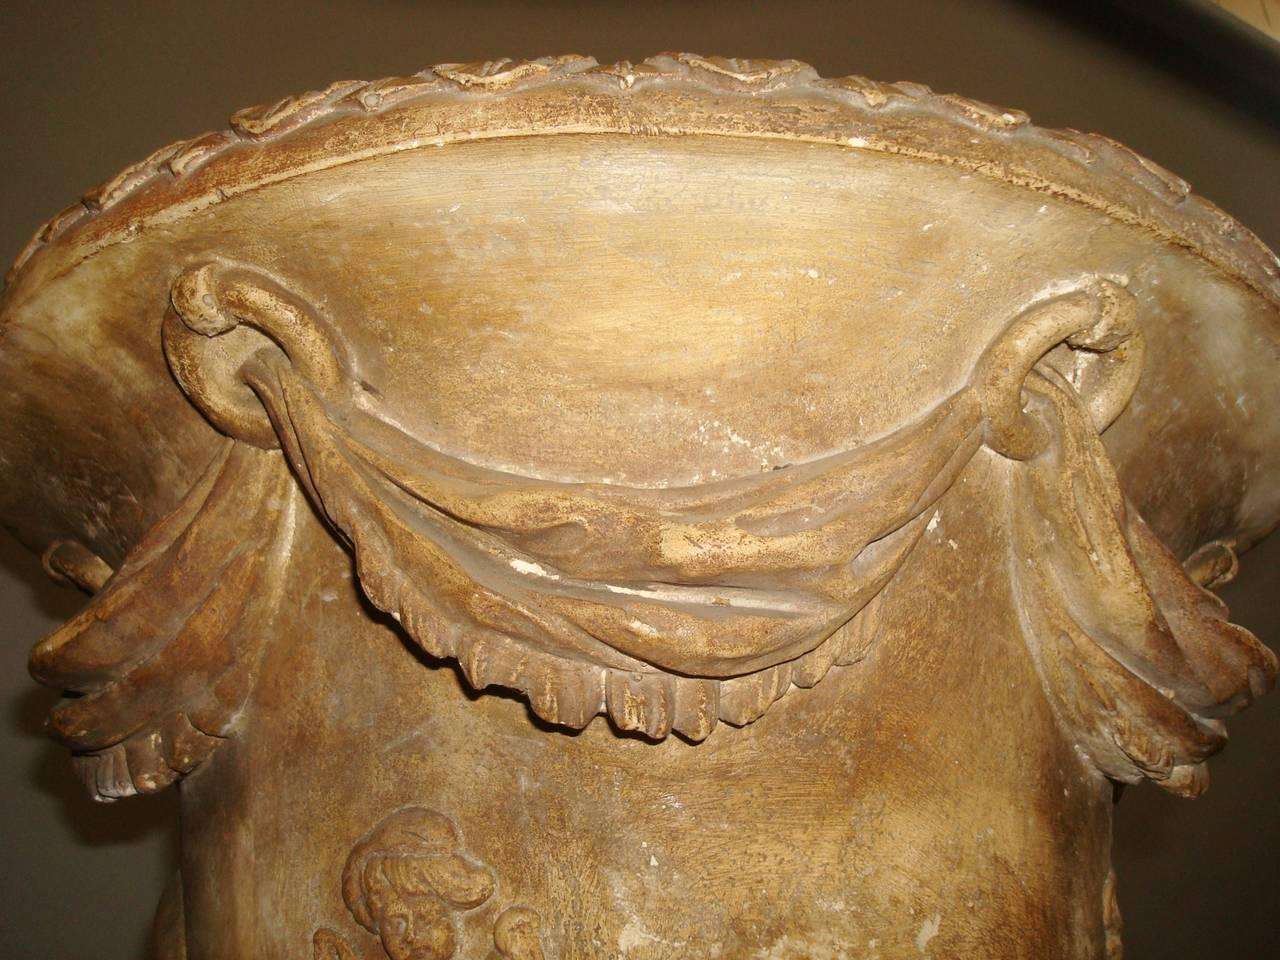 Regency Pair of Neoclassical Plaster Urns 10